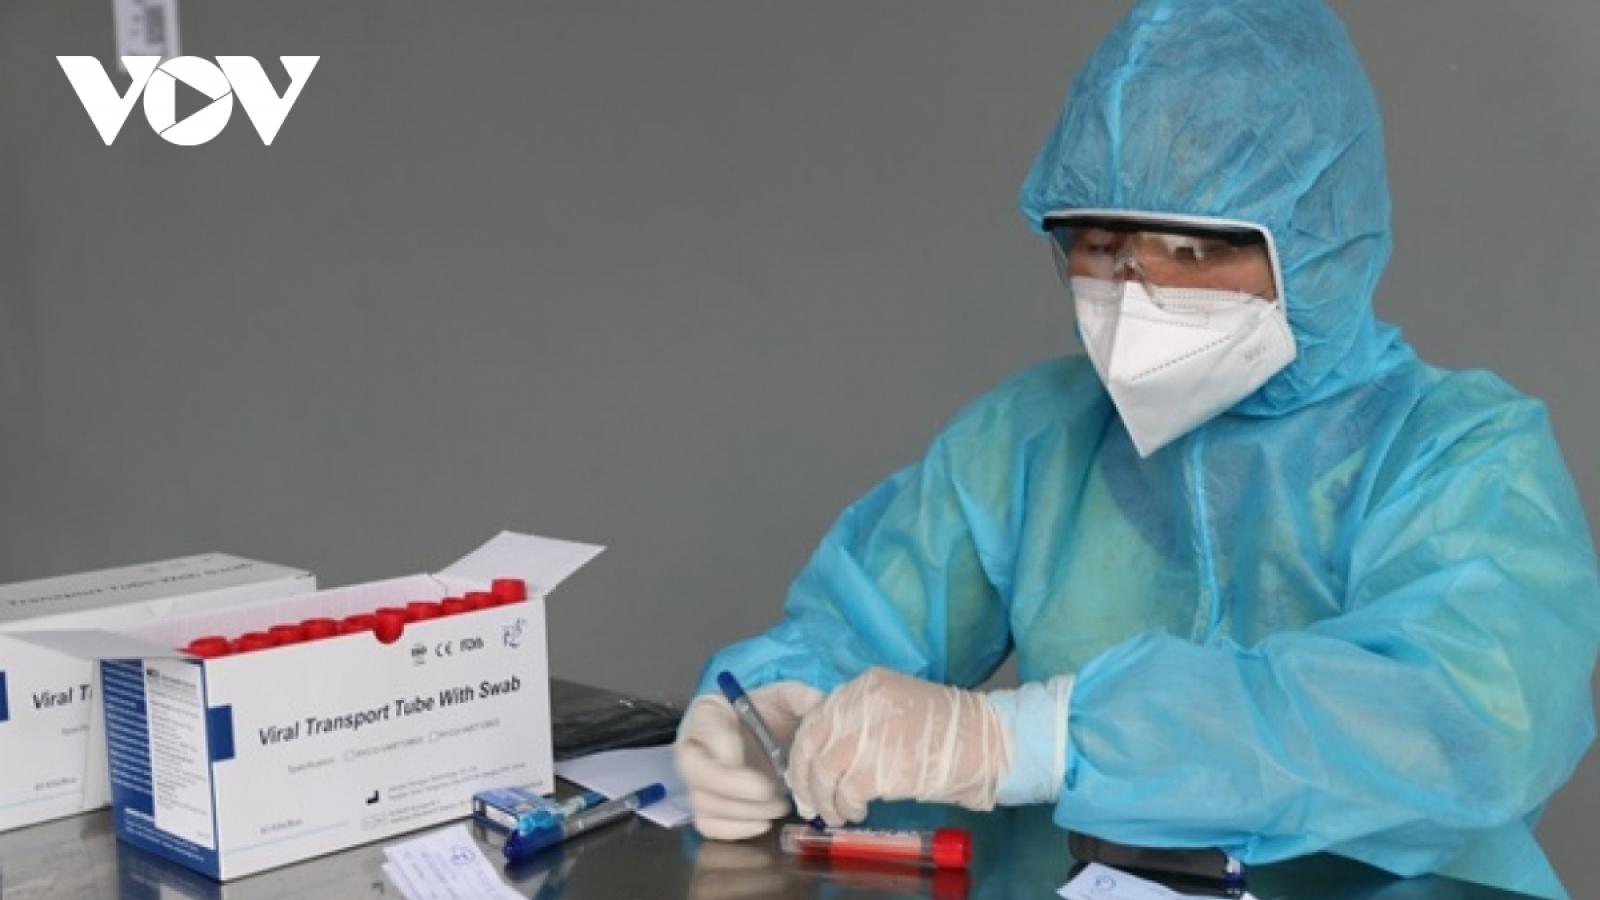 Phần lớnbệnh nhân mắc Covid-19ở Lâm Đồngđãđượcđiều trị khỏi